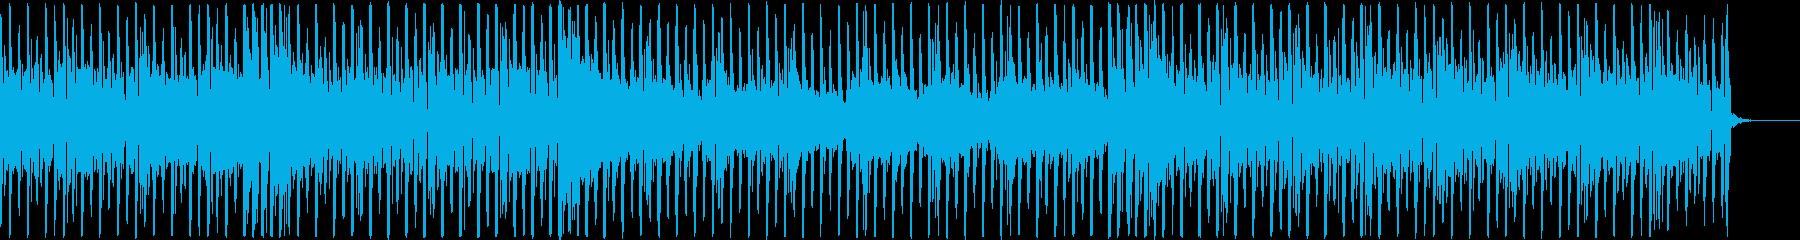 みんなで楽しく遊ぶ BGMの再生済みの波形